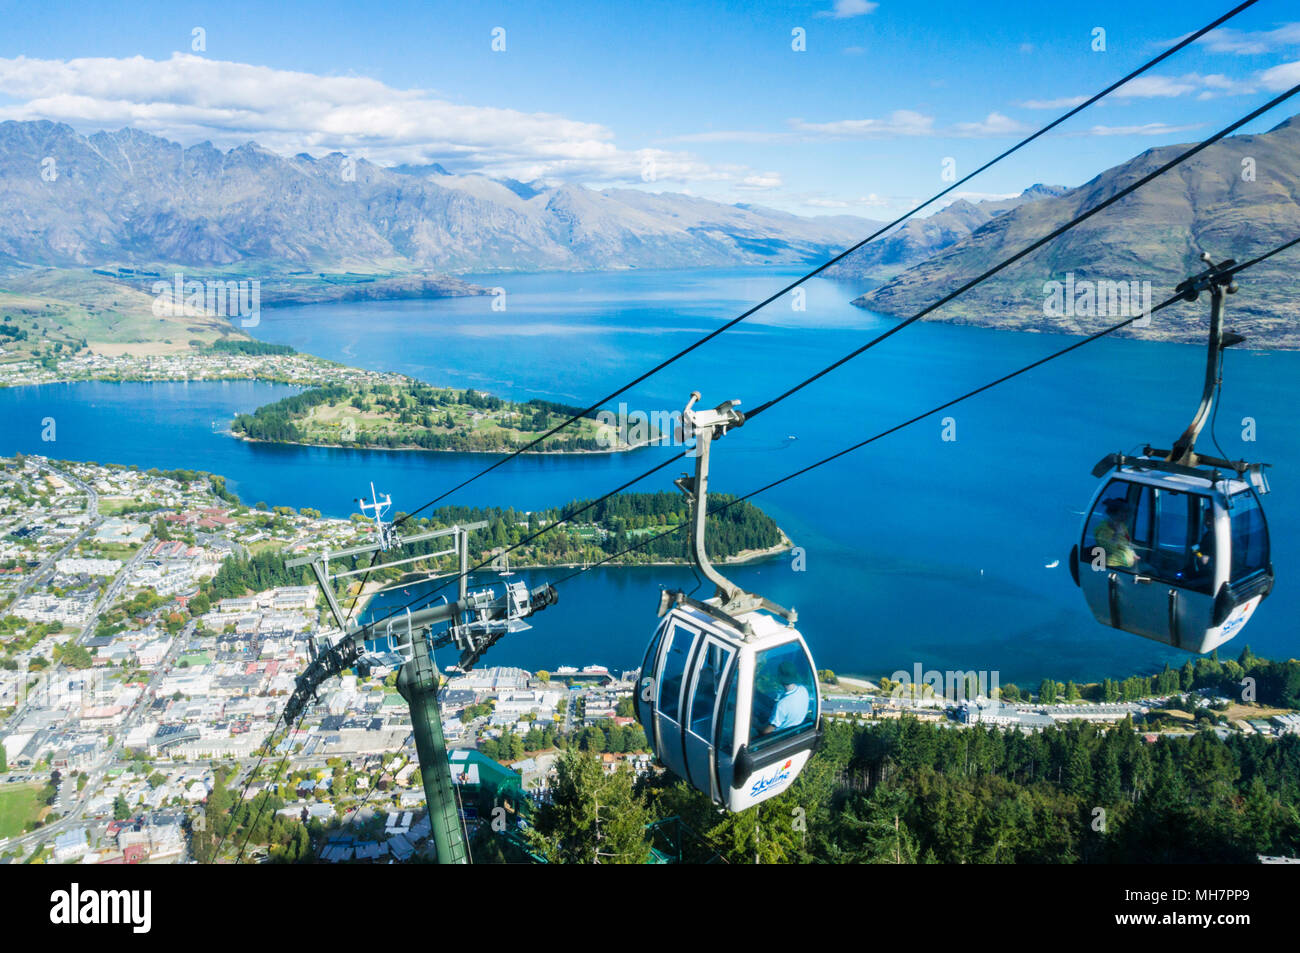 Queenstown Isola del Sud della Nuova Zelanda vista aerea dello skyline gondola centro di Queenstown centro città sul lago Wakatipu e il Remarkables Immagini Stock